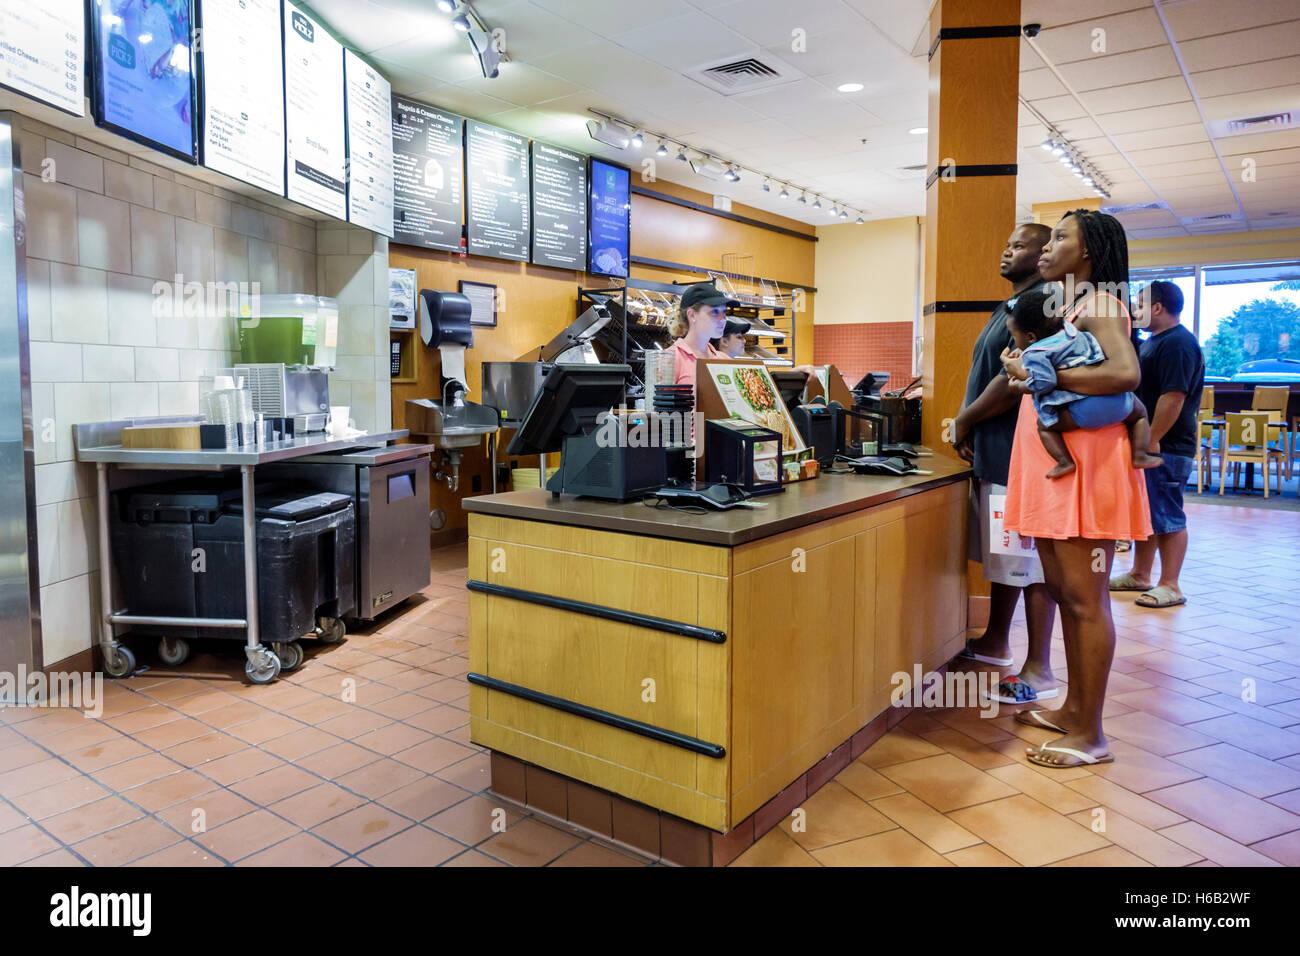 Rue Port Saint Lucie Floride Panera Bread à l'intérieur restaurant femme homme noir compteur commande Photo Stock